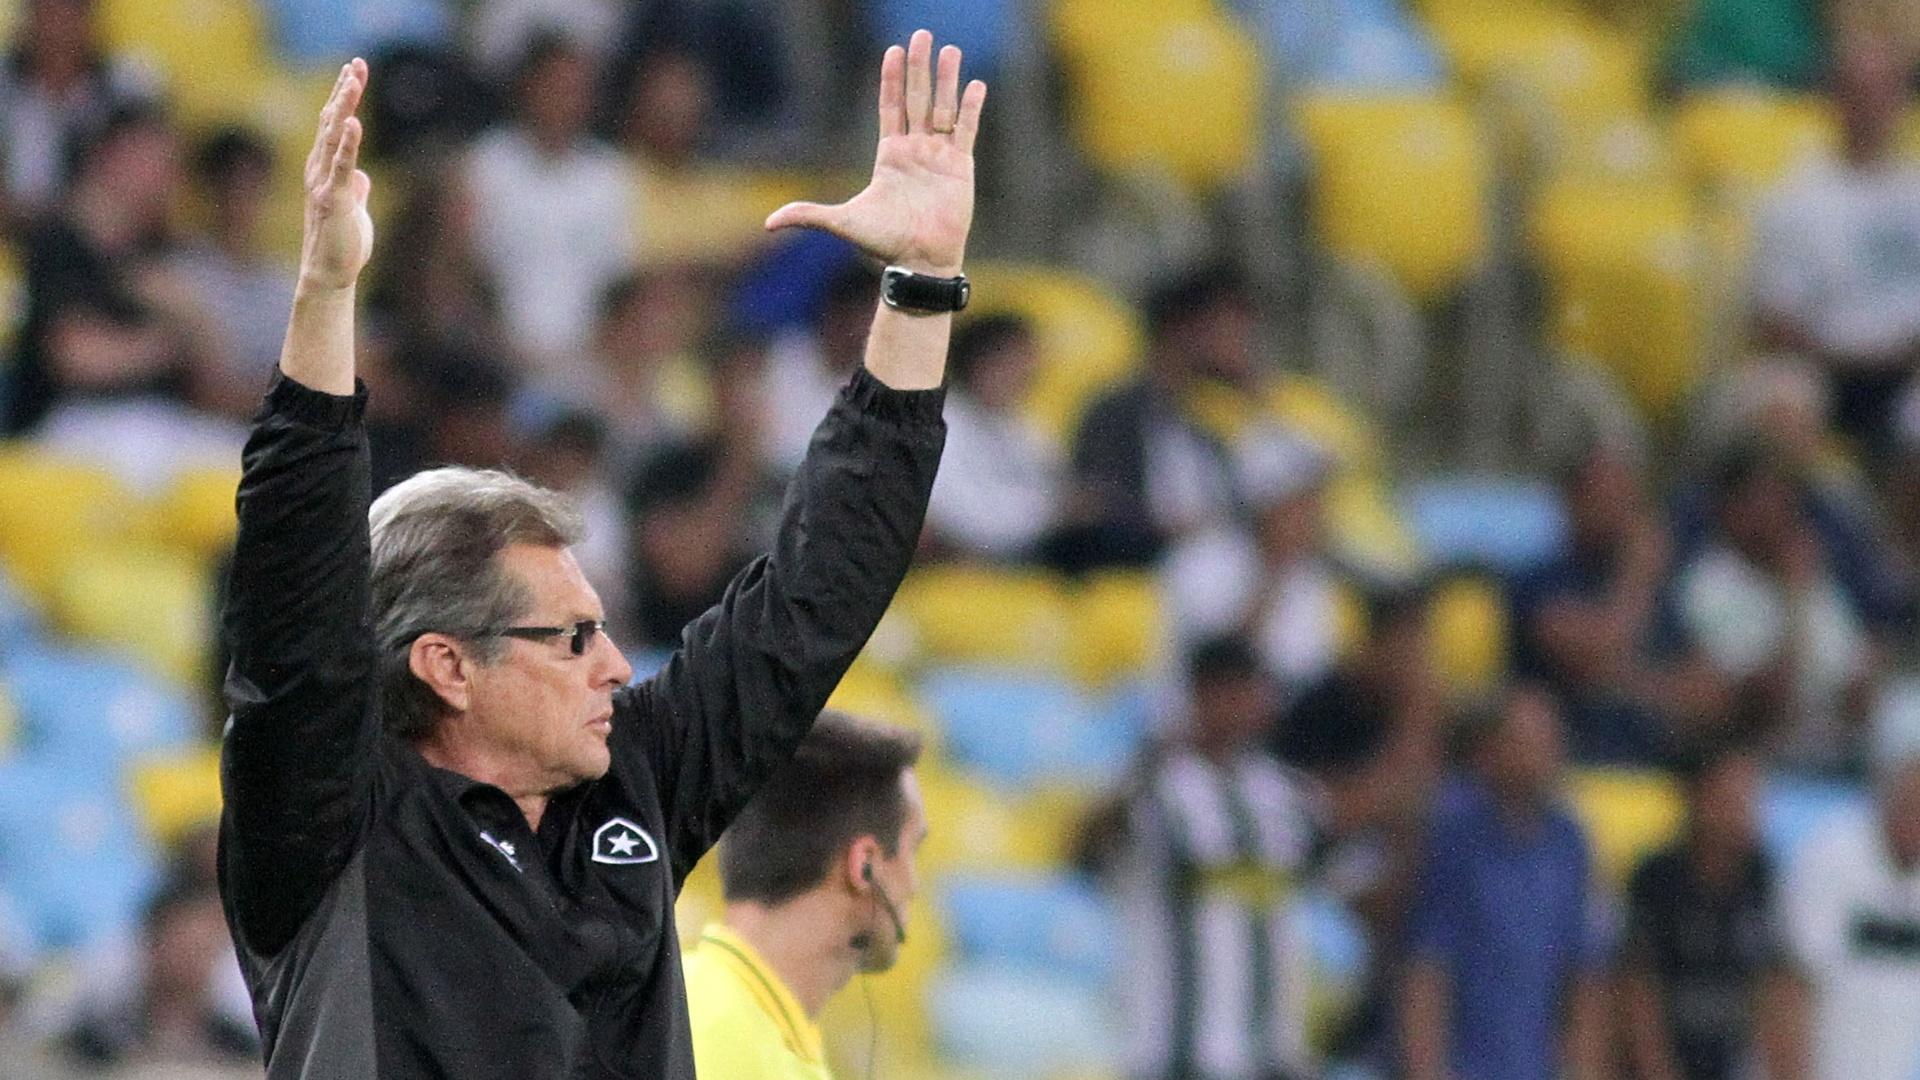 01.08.2013 - Técnico Osvaldo de Oliveira dá instruções durante a partida entre Botafogo e Vitória pelo Brasileirão